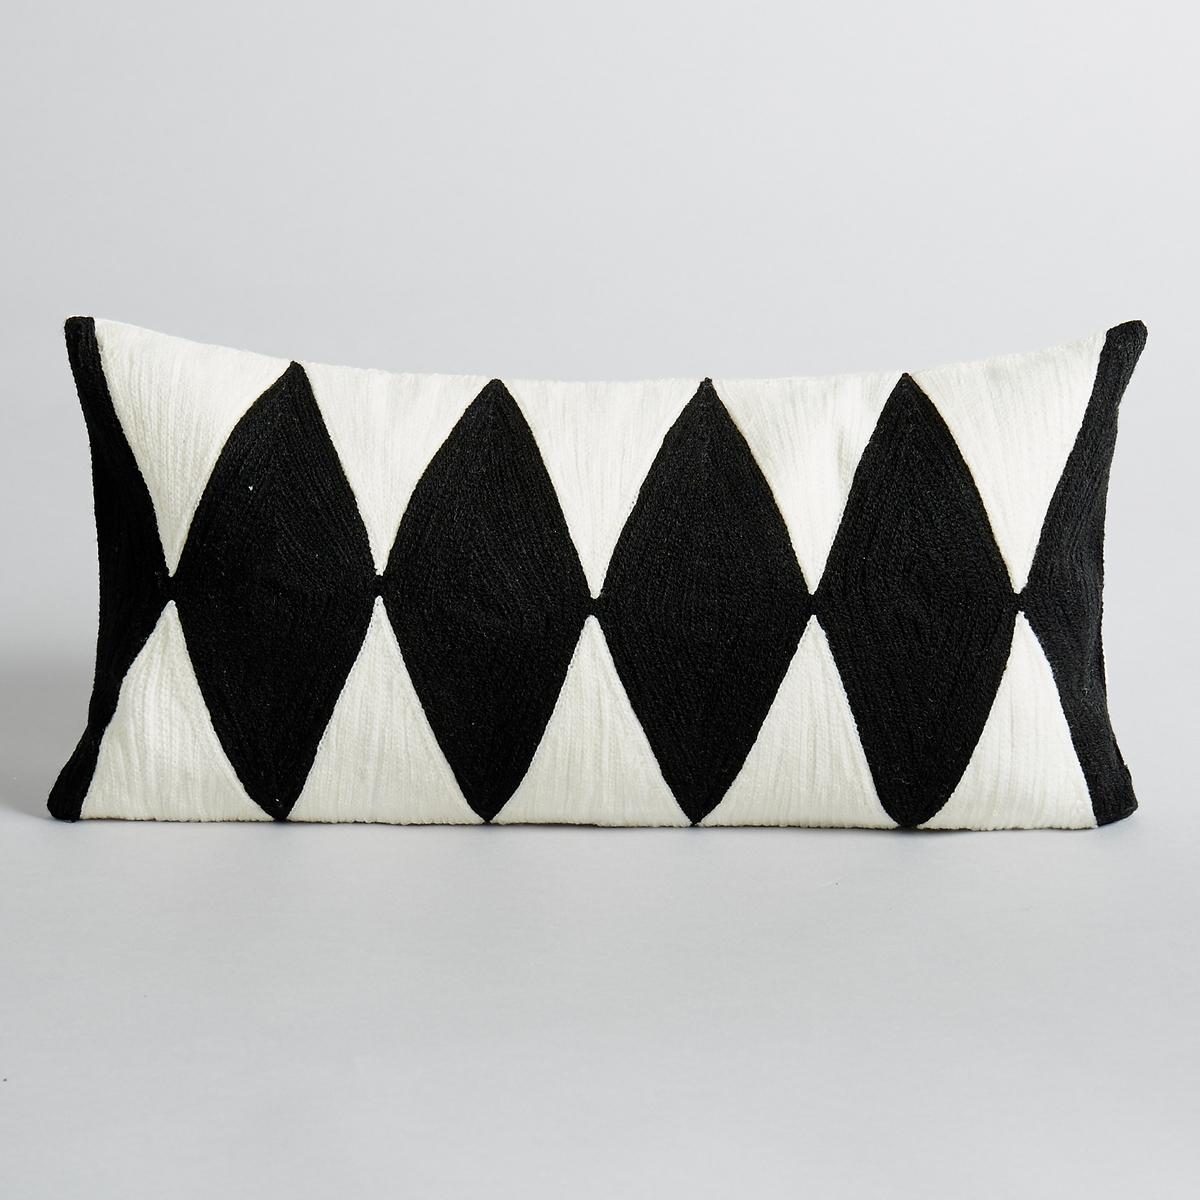 Чехол на подушку AlazieУзор в ромбы, цвет: чёрный/экрю. 100 % хлопка. Вышивка по всей верхней поверхности. Скрытая застежка на молнию. Размеры:. 40 x 20 см.<br><br>Цвет: экрю/черный